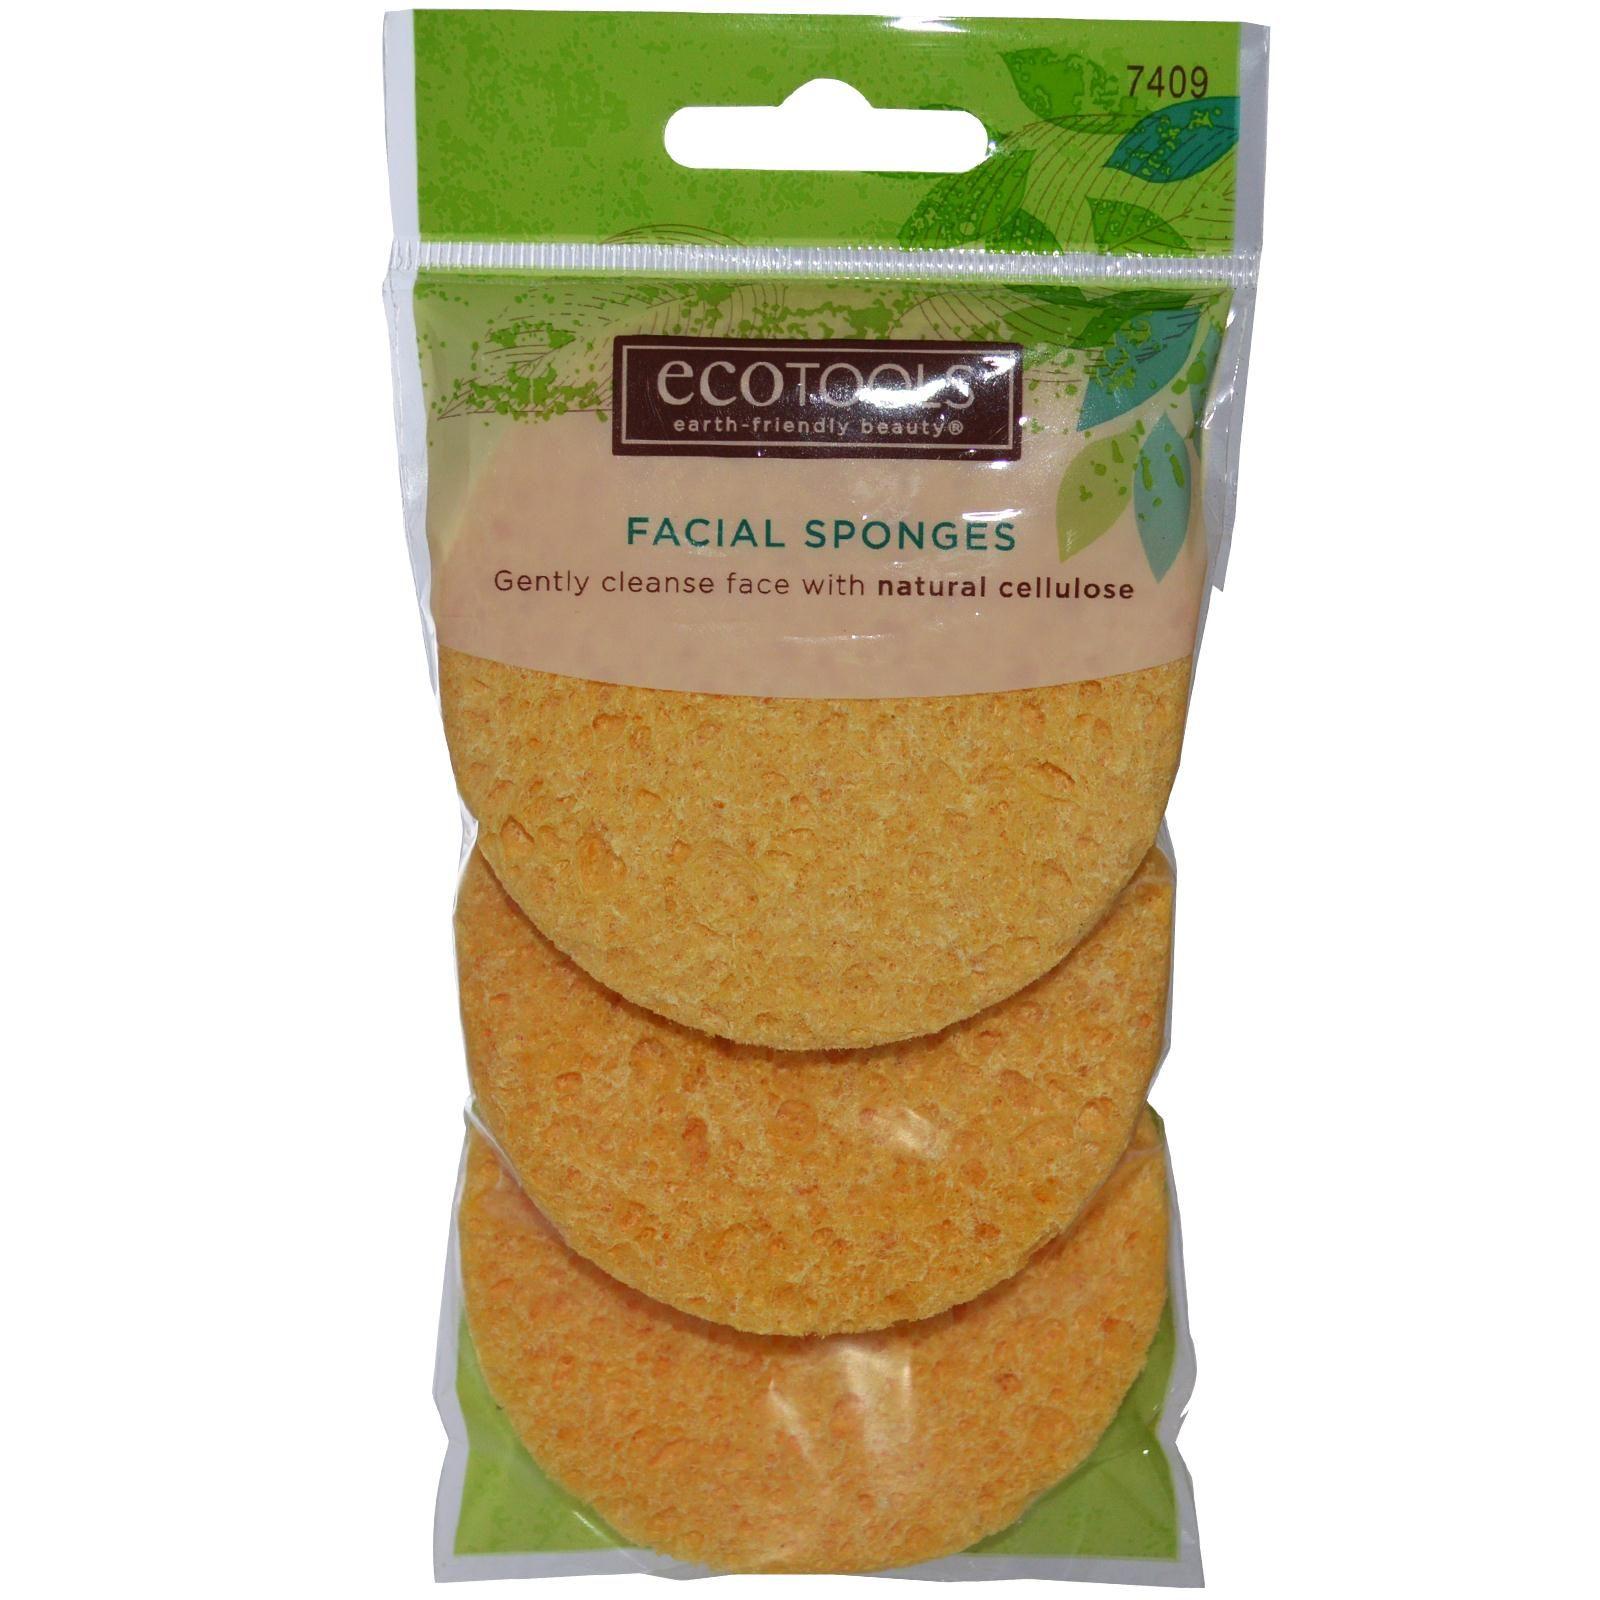 EcoTools, Facial Sponges, 3 Pack (Discontinued Item